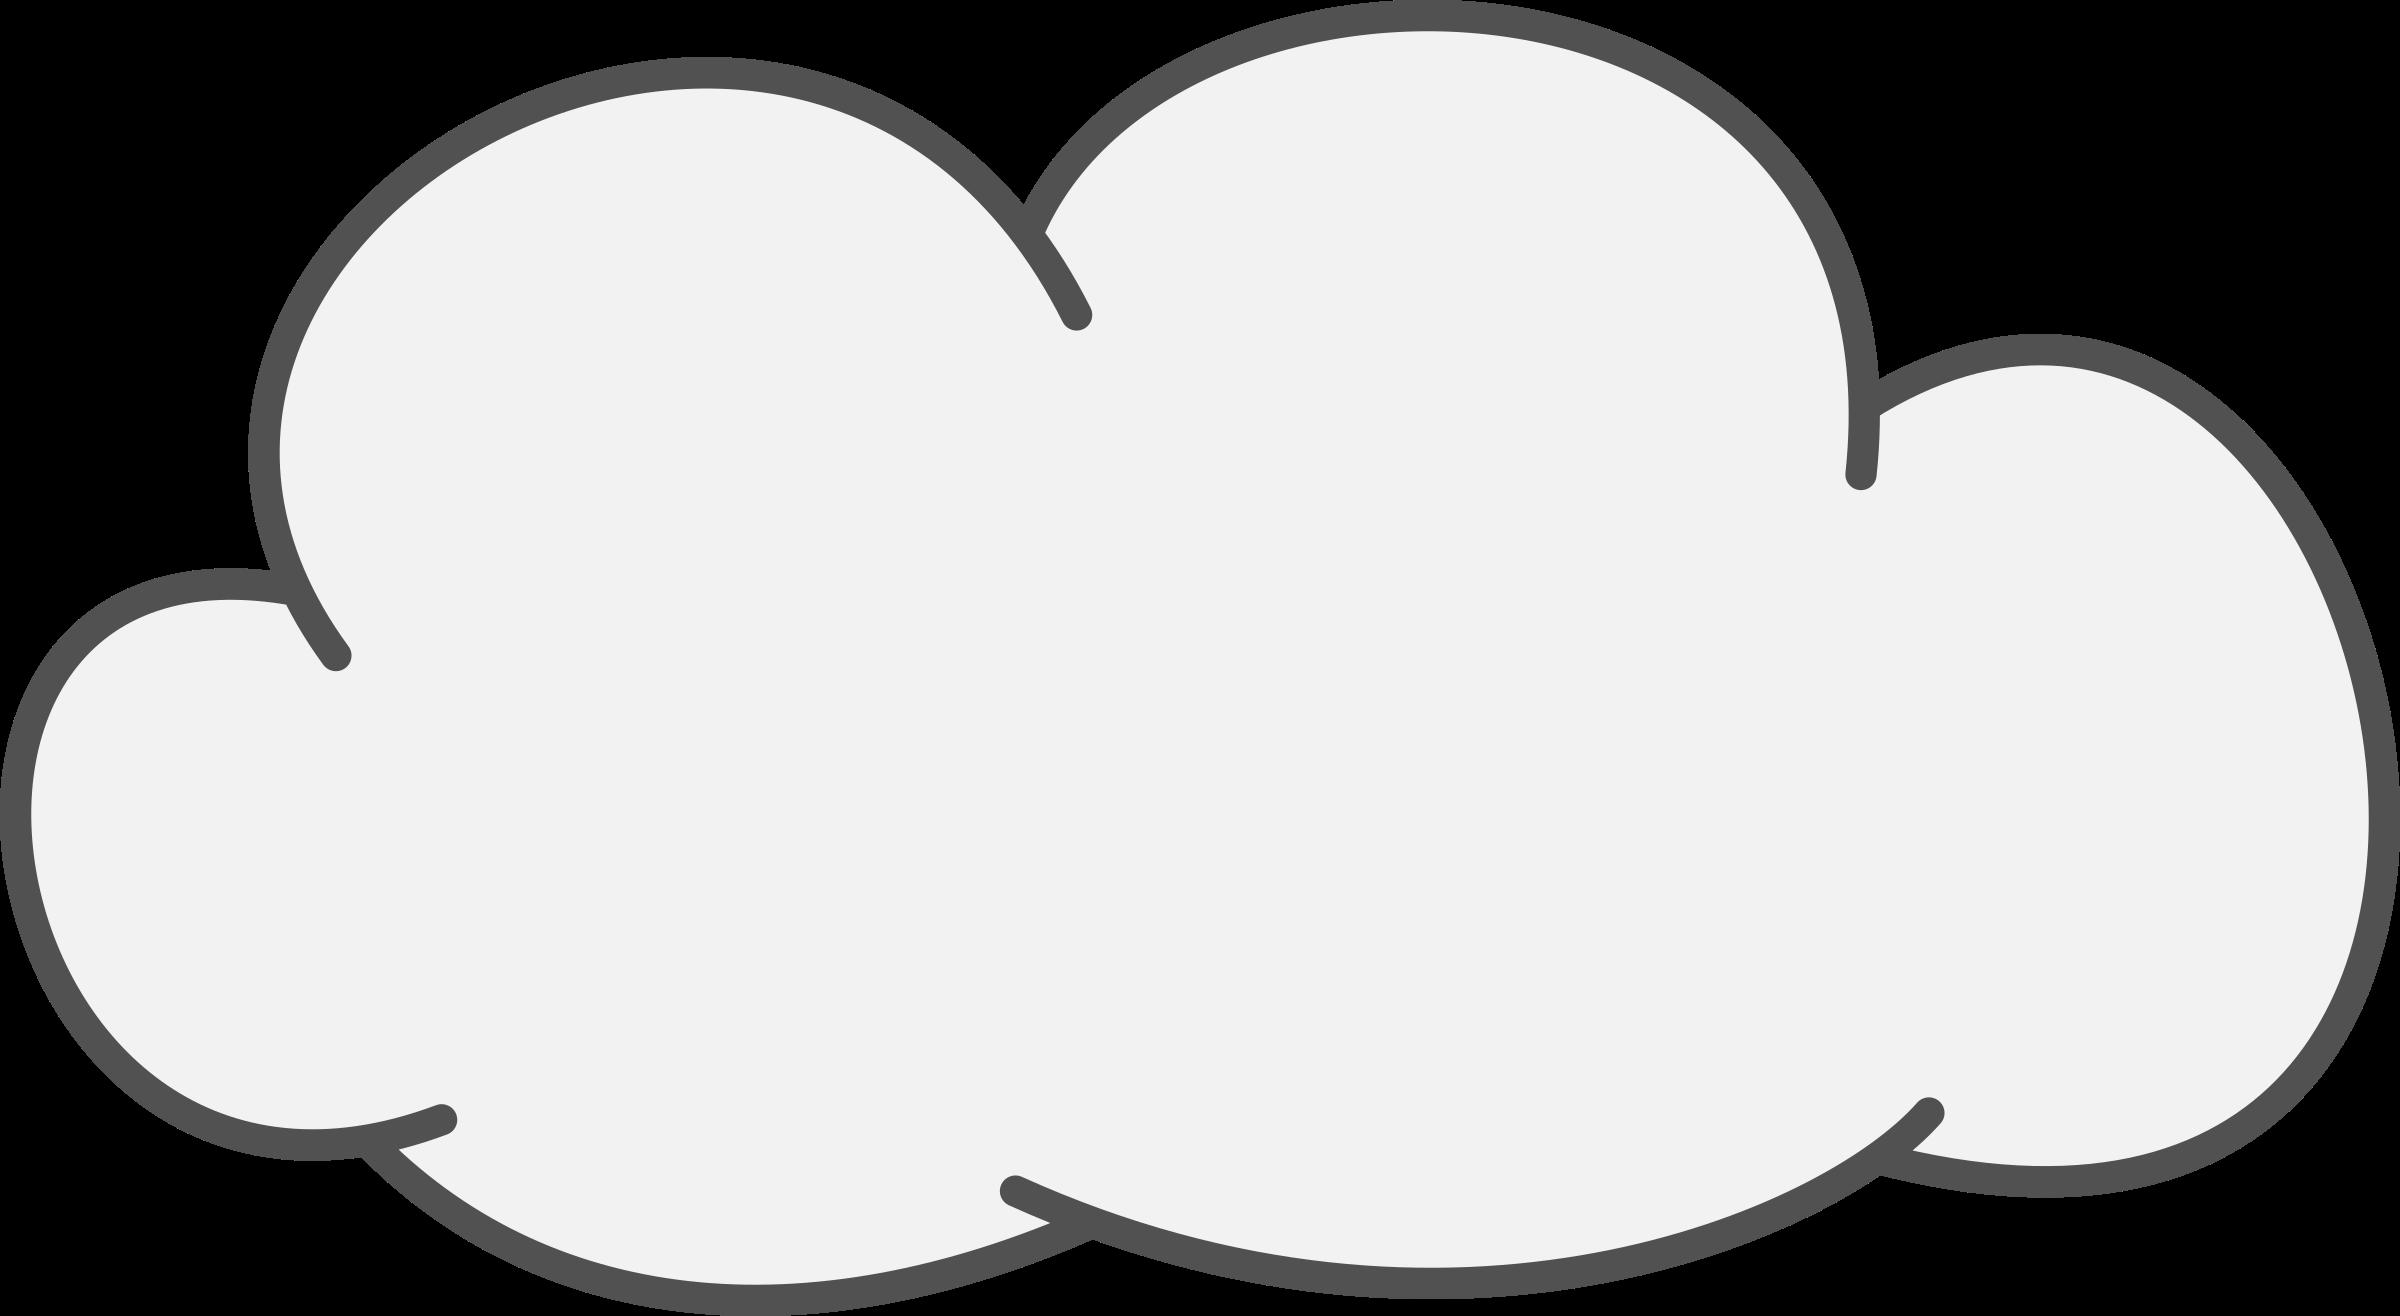 Download Cumulus Cloud Icons Png - Cloud Clipart Black ...